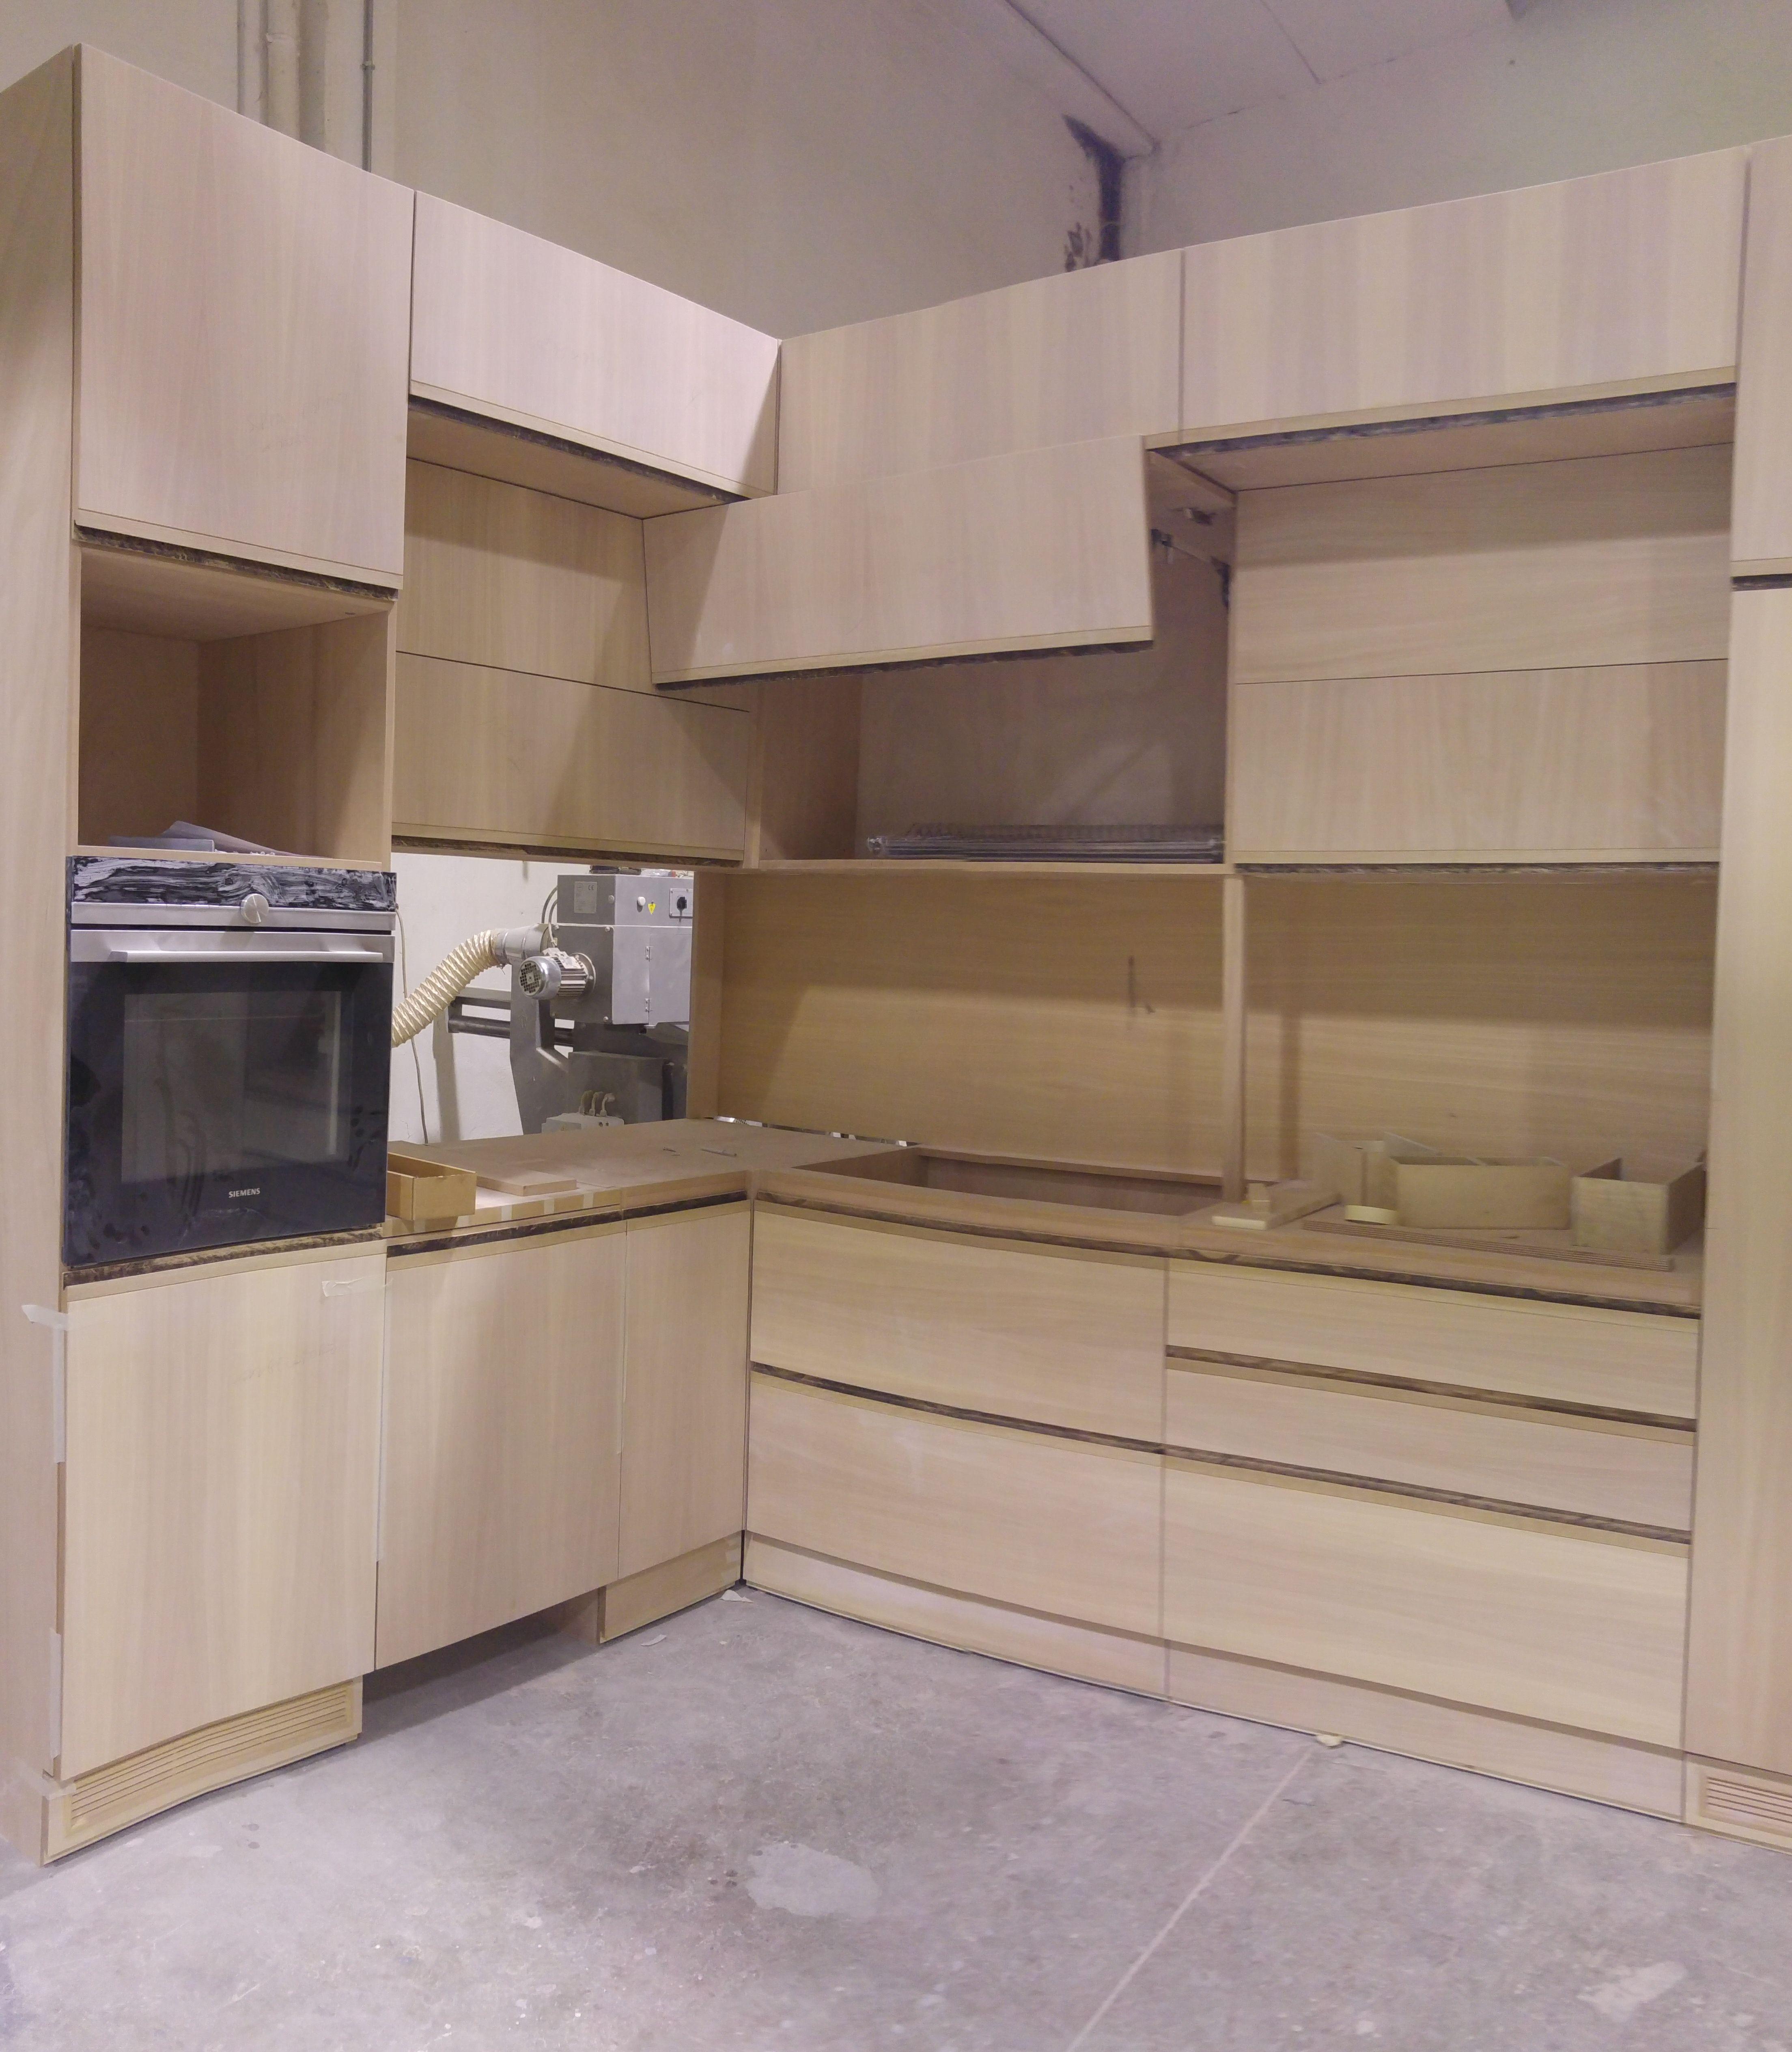 cucina su misura al grezzo in falegnameria pronta da laccare: bianco ...